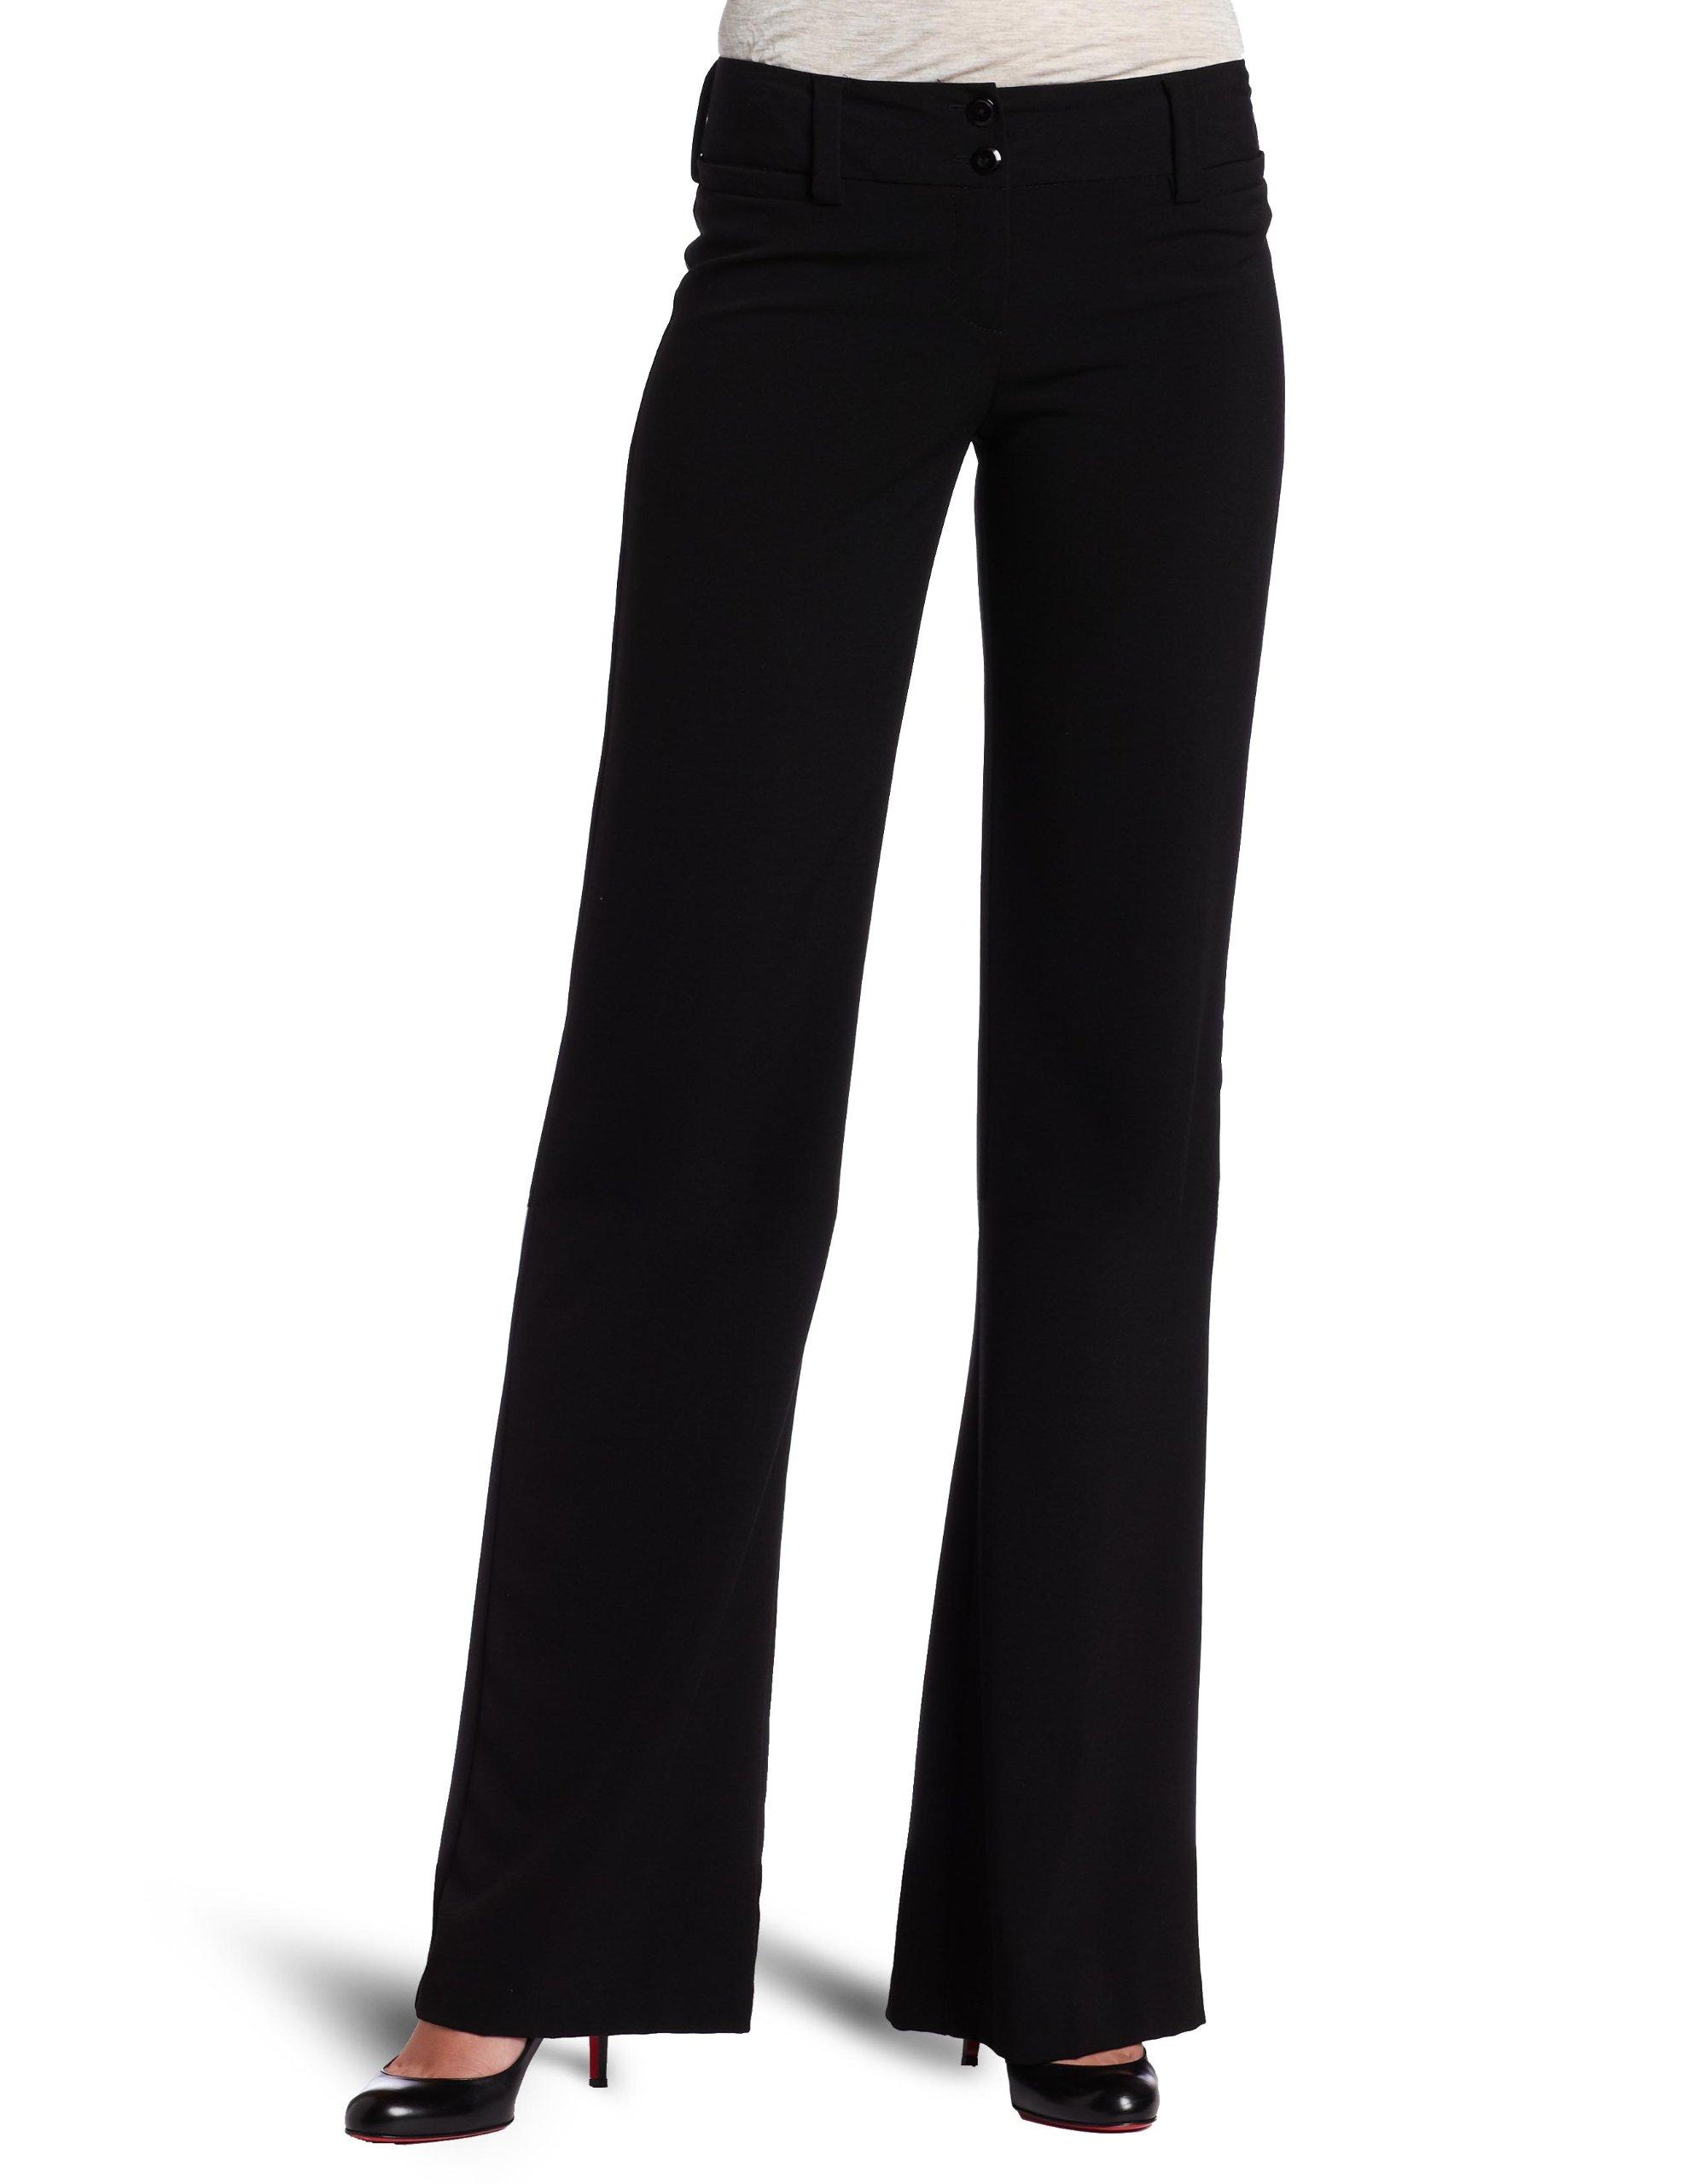 A. Byer Juniors Tropical Cambridge Trouser Pant, Black, 5